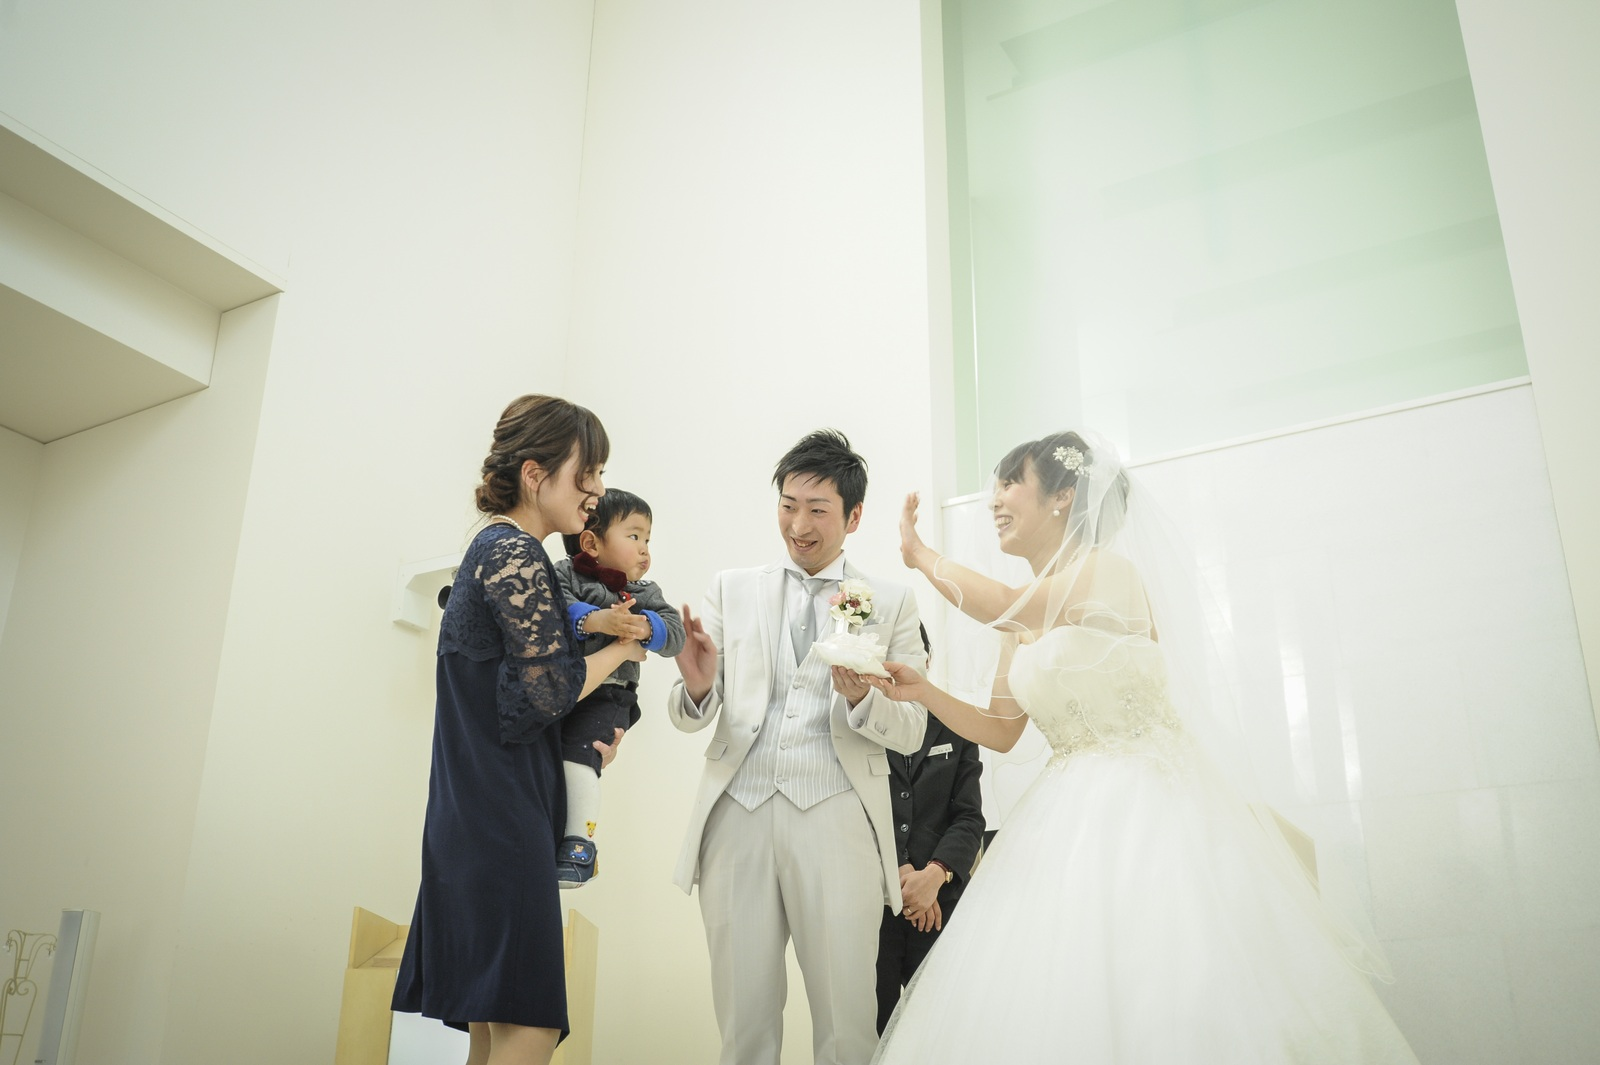 徳島市の結婚式場ブランアンジュで挙式での指輪のリレー